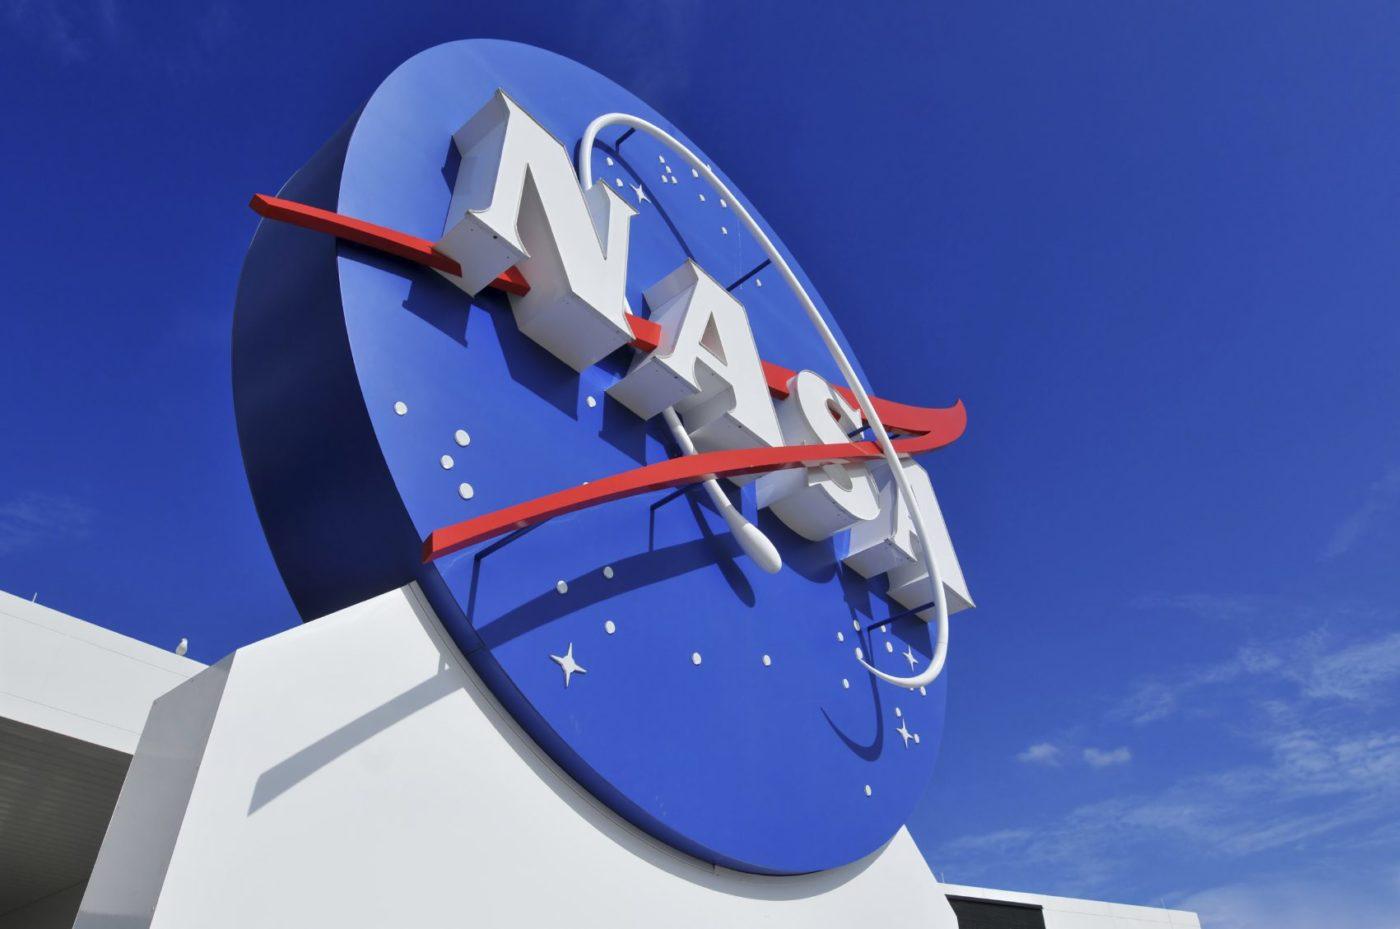 NASA Environmentally Responsible Aviation Project